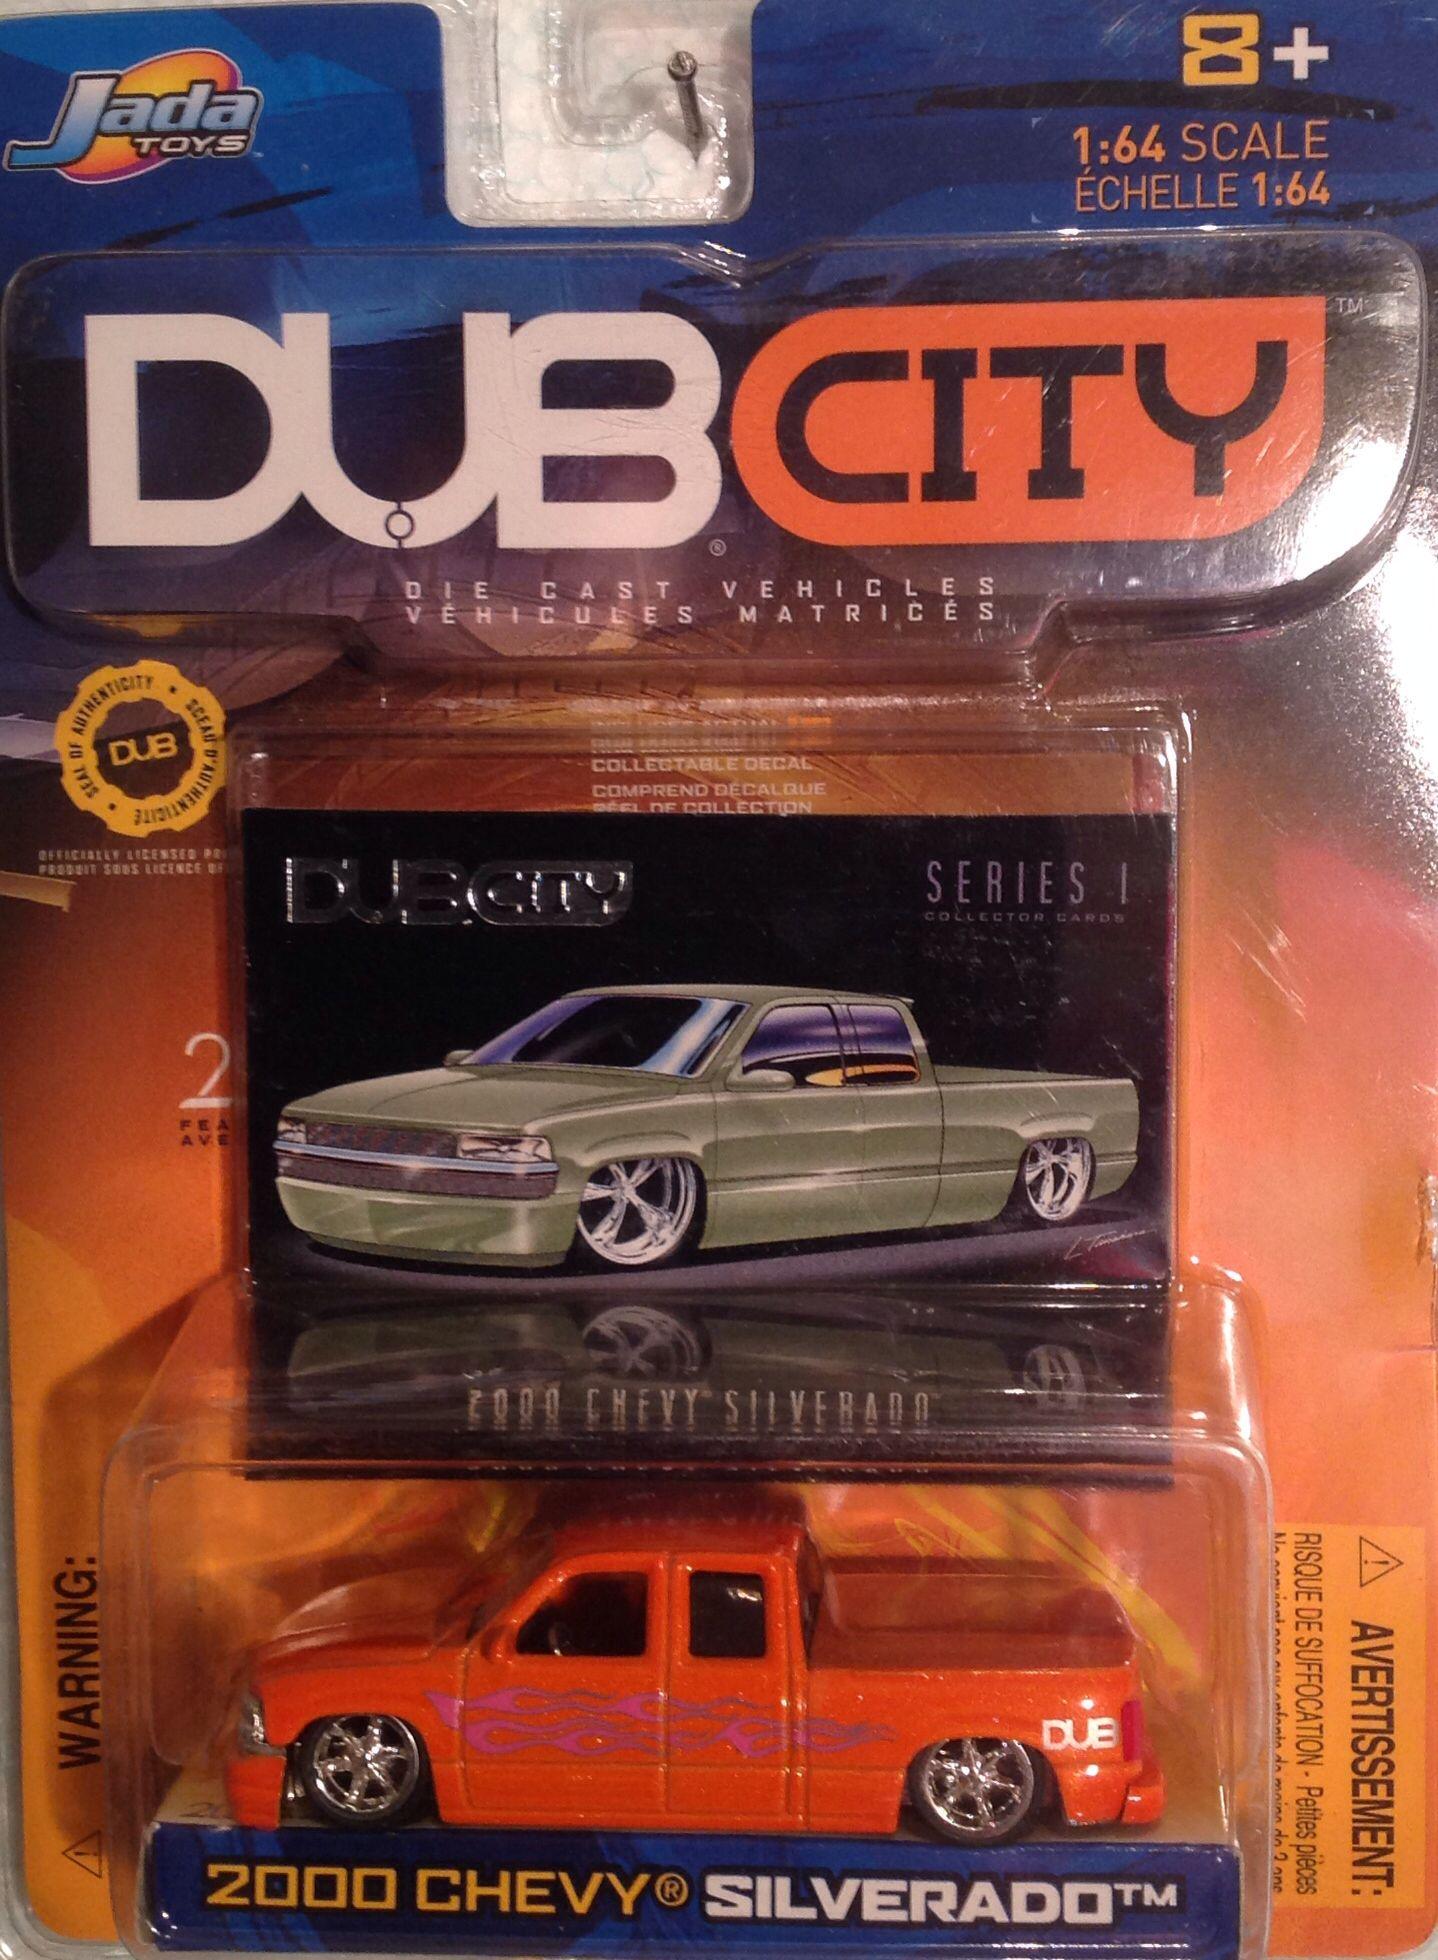 Jada, Dub City, 2000 Chevy Silverado, 1:64 diecast